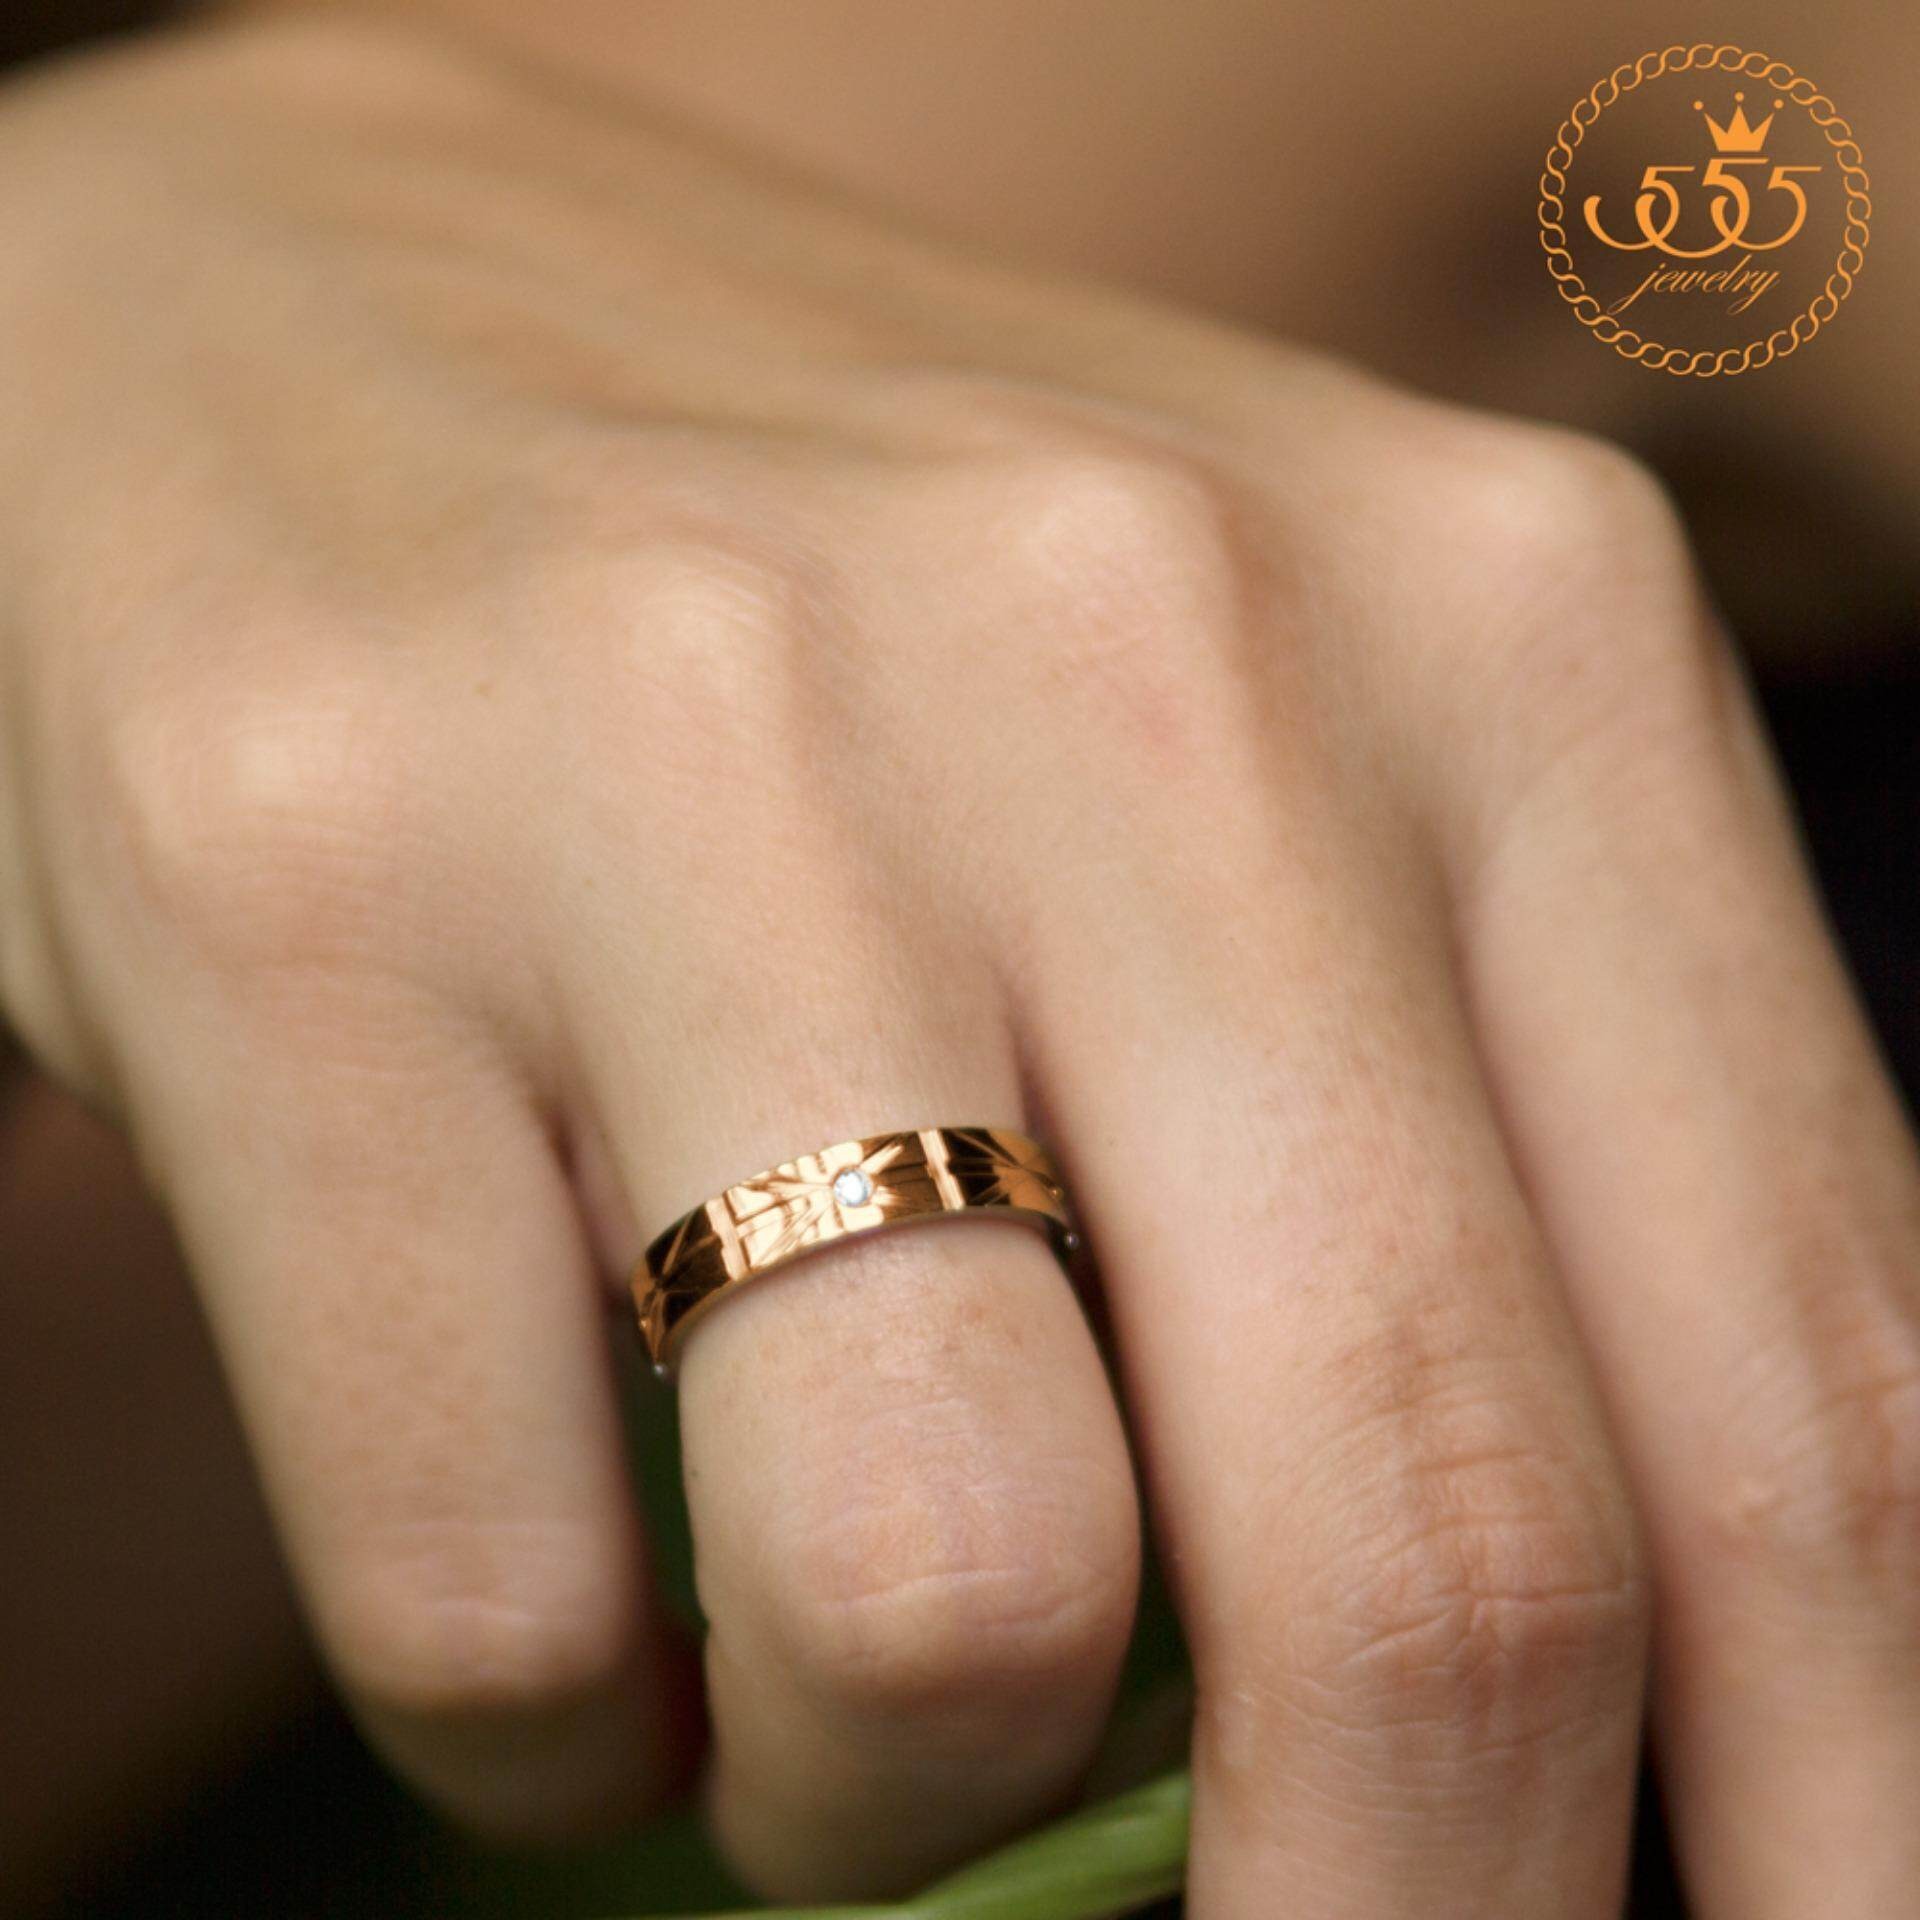 ขาย ซื้อ 555Jewelry แหวน รุ่น Mnc R403 C สี Pink Gold แหวนผู้หญิง แหวนคู่ แหวนคู่รัก เครื่องประดับ แหวนผู้ชาย แหวนแฟชั่น ใน ไทย